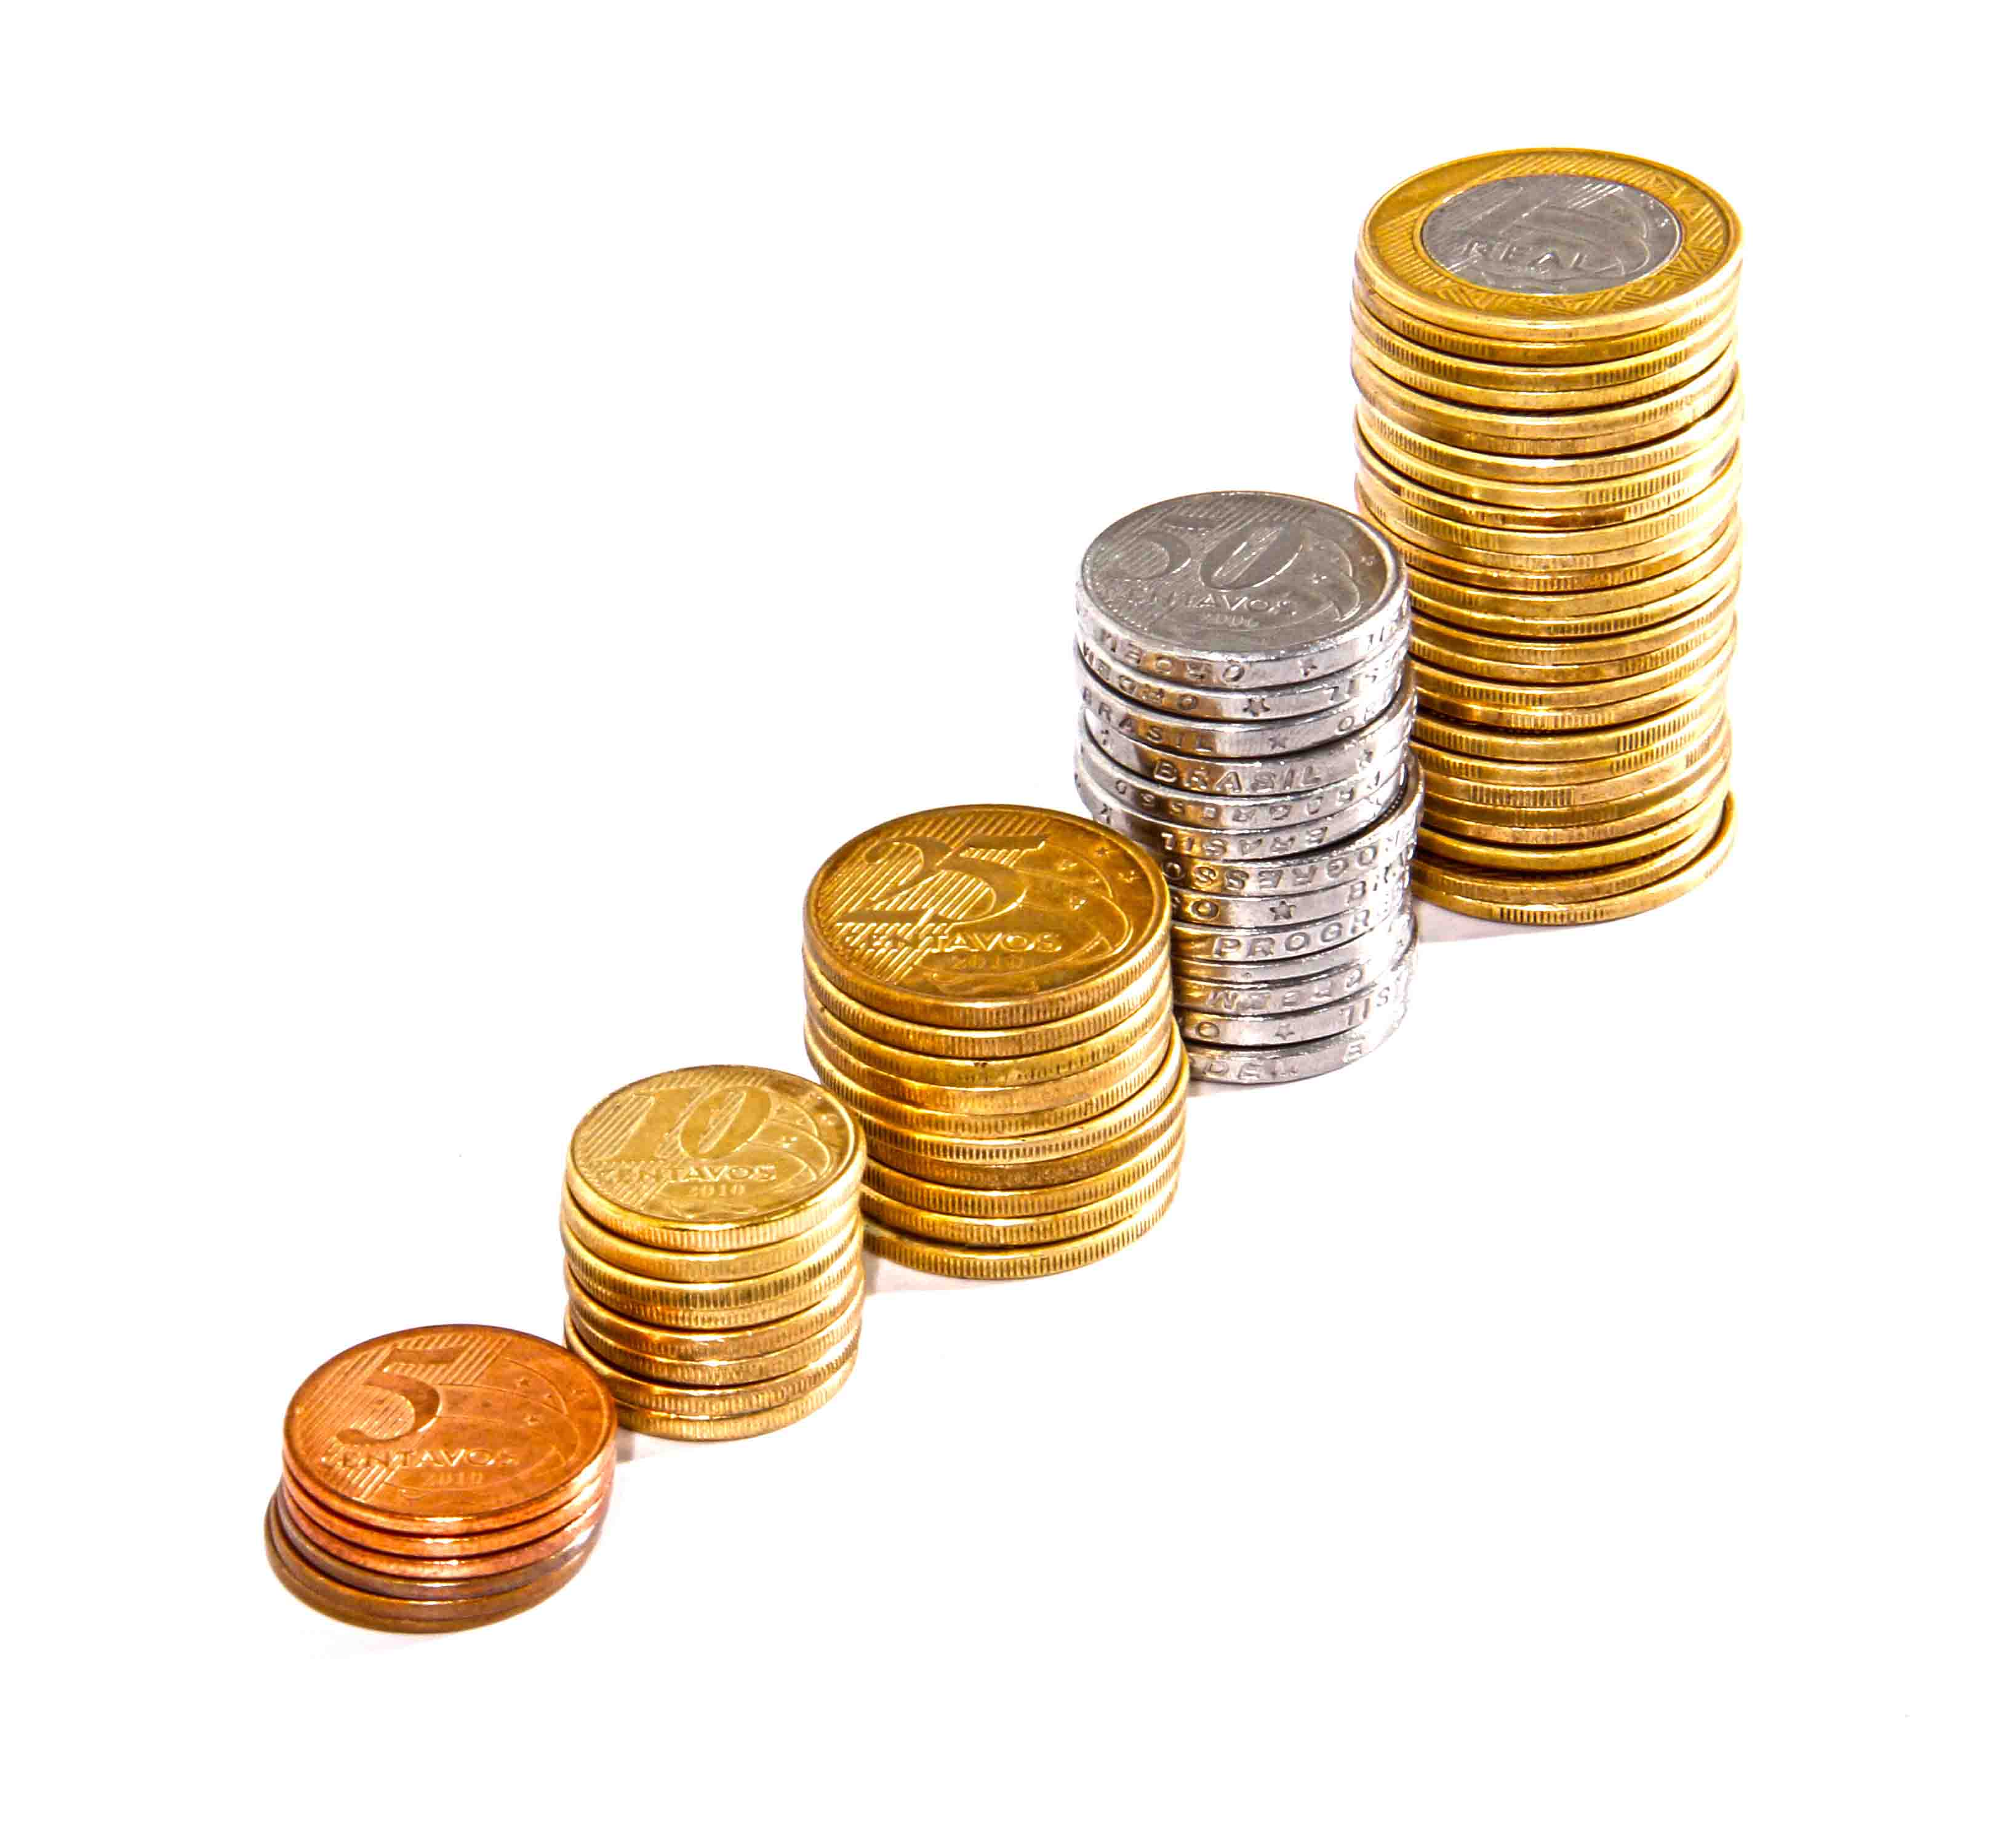 5 Alasan Deposito Bisa Jadi Awal Investasi